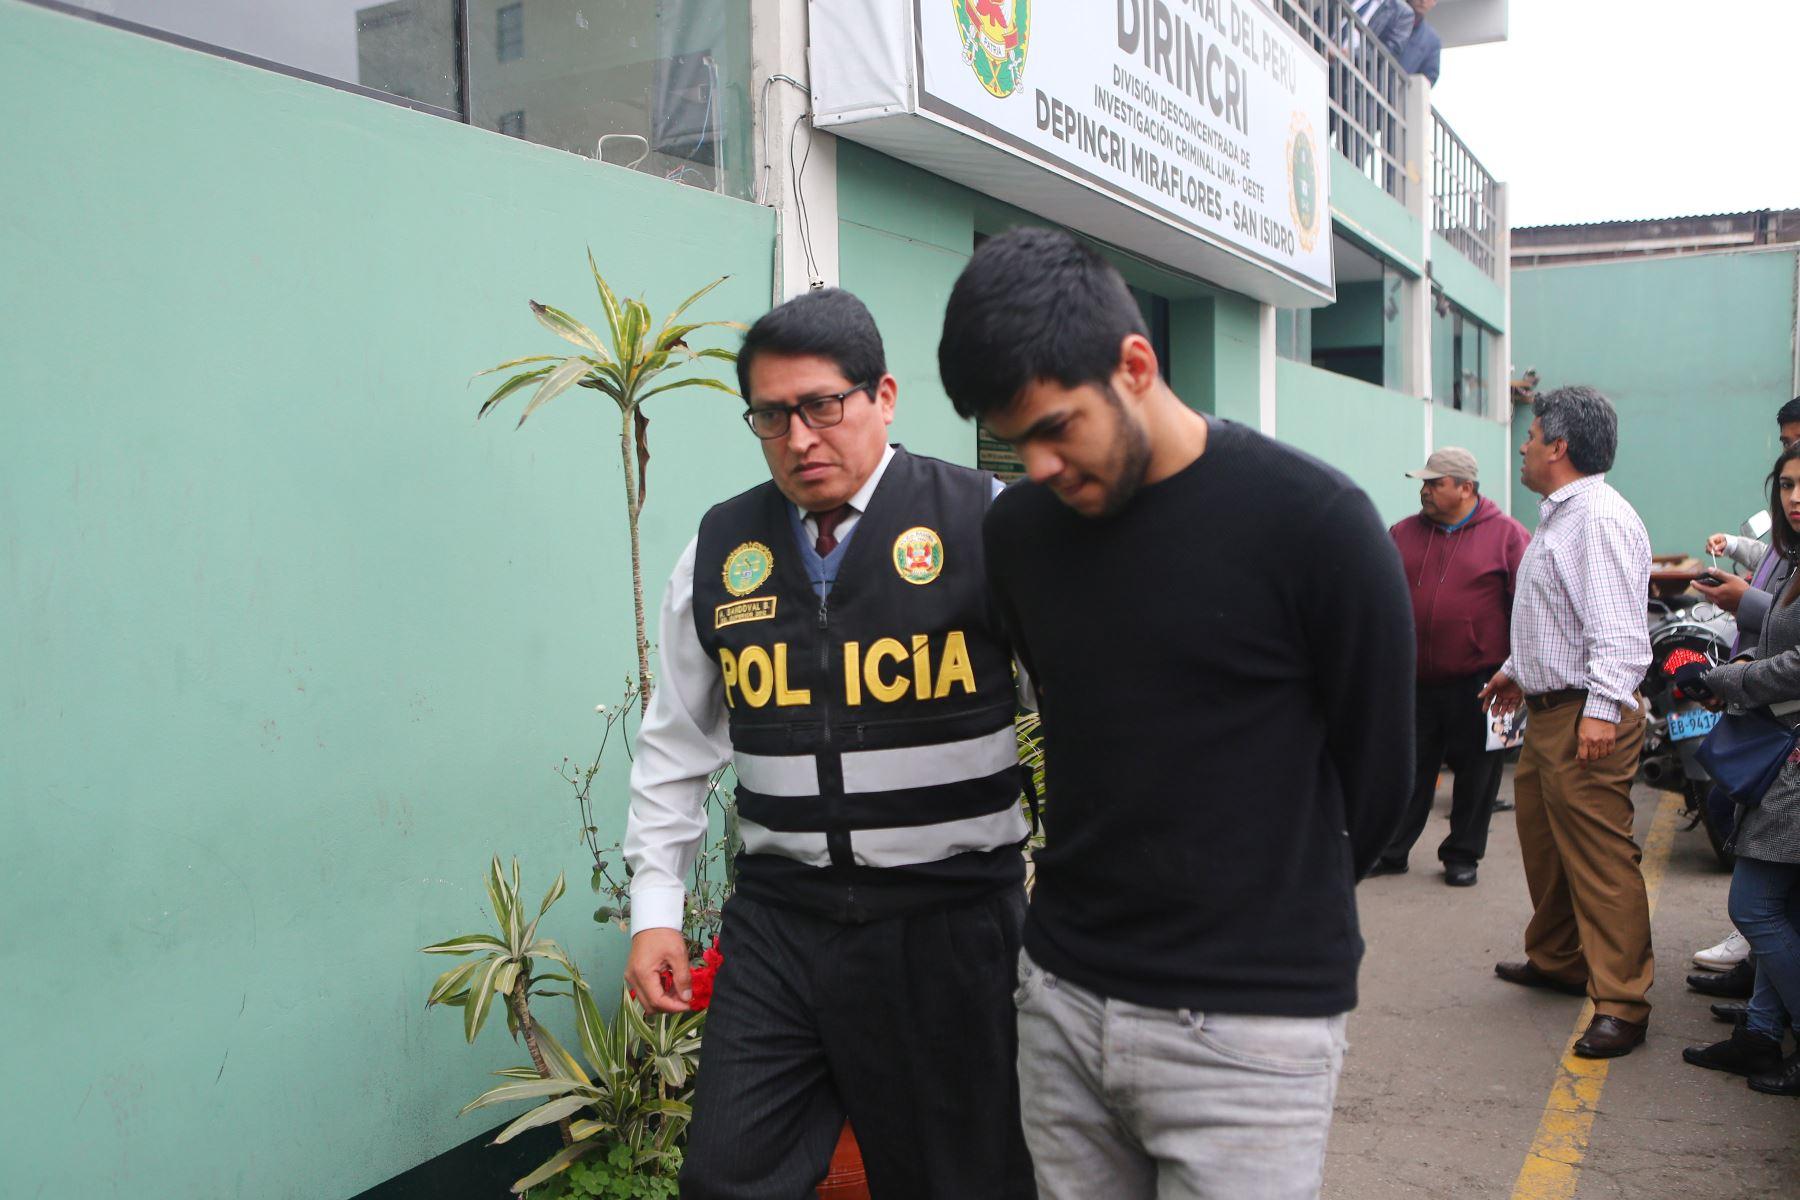 Sujeto venezolano acusado del robo de relojes de alta gama. Foto: ANDINA/Héctor Vinces